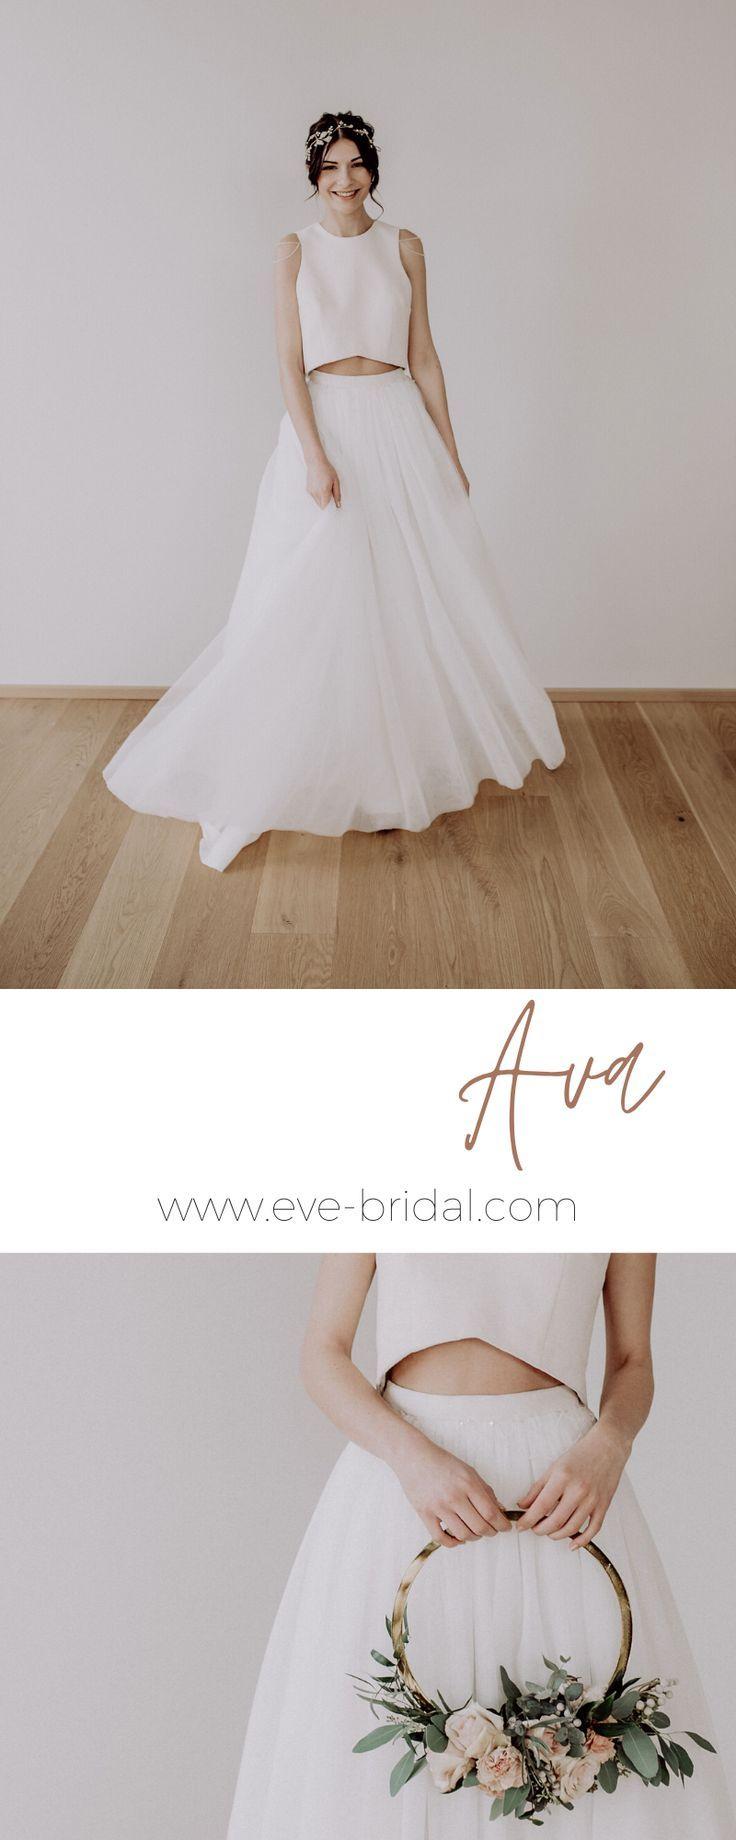 15-teiliges Brautkleid mit Tüllrock und Perlenstickereien, tulle